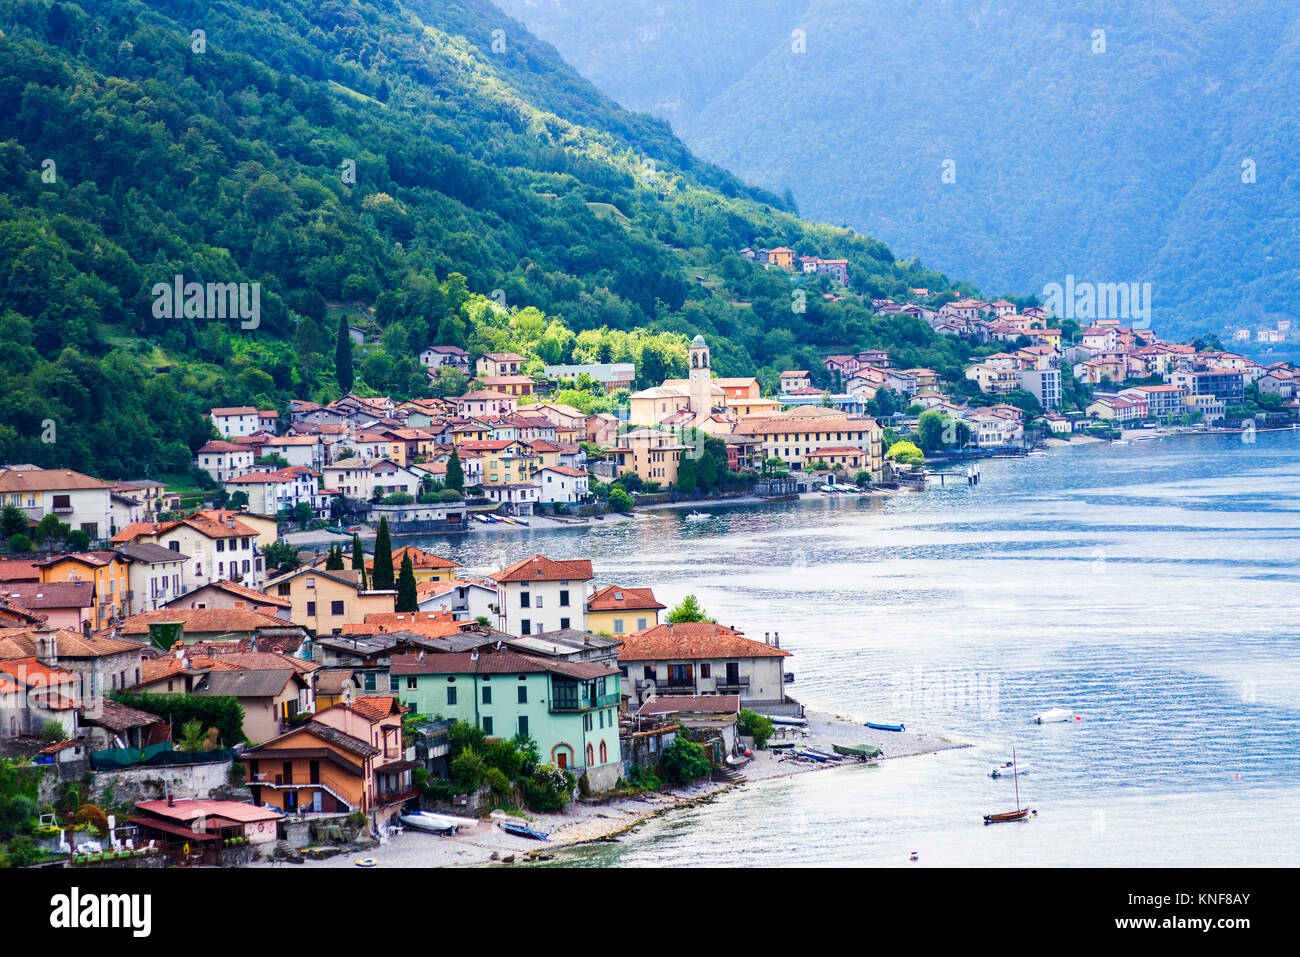 Casas tradicionales en la zona ribereña del lago Como, en Lombardía, Italia Foto de stock